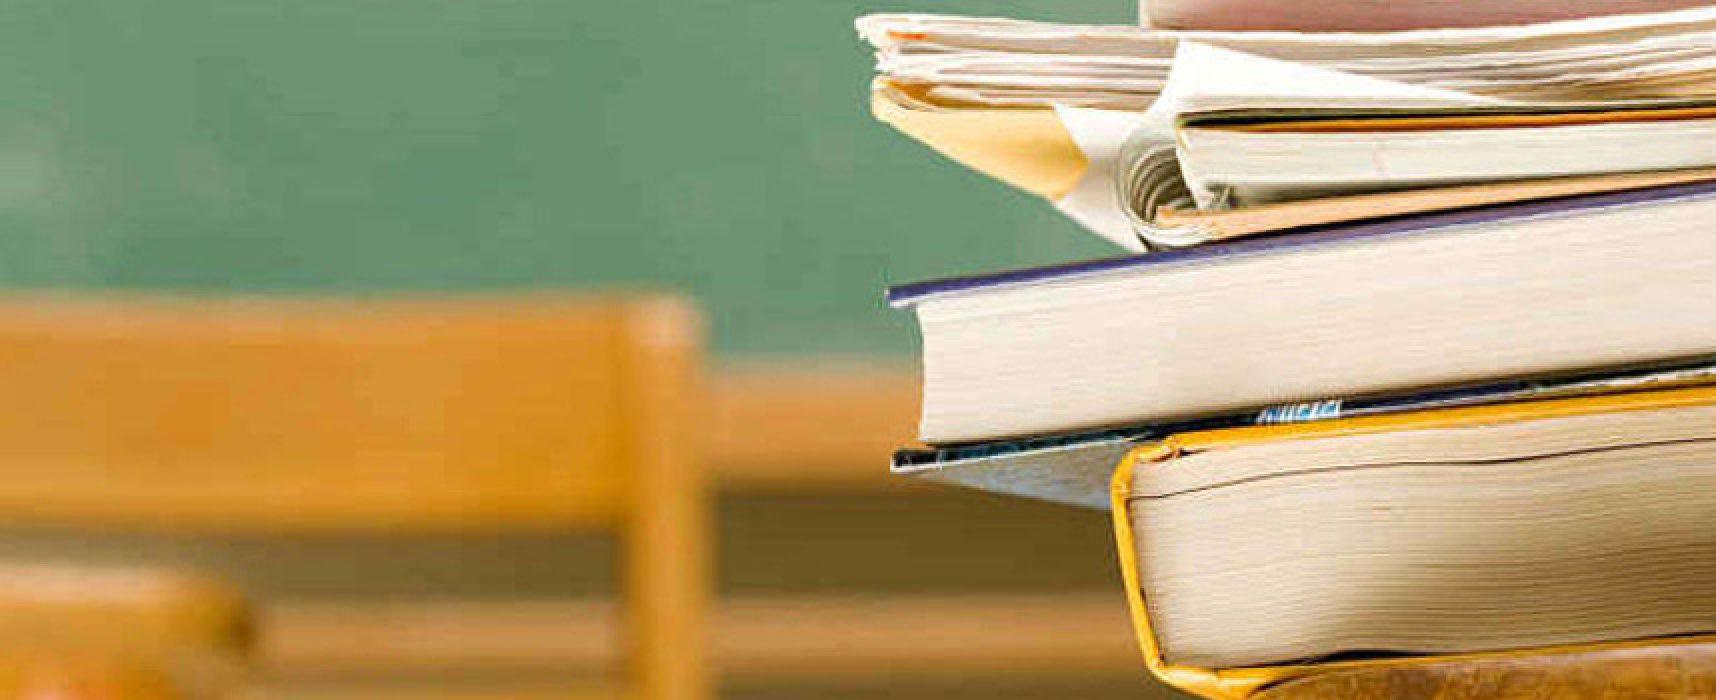 Tempo fino al 30 settembre per richiedere contributo testi scolastici: ecco come fare